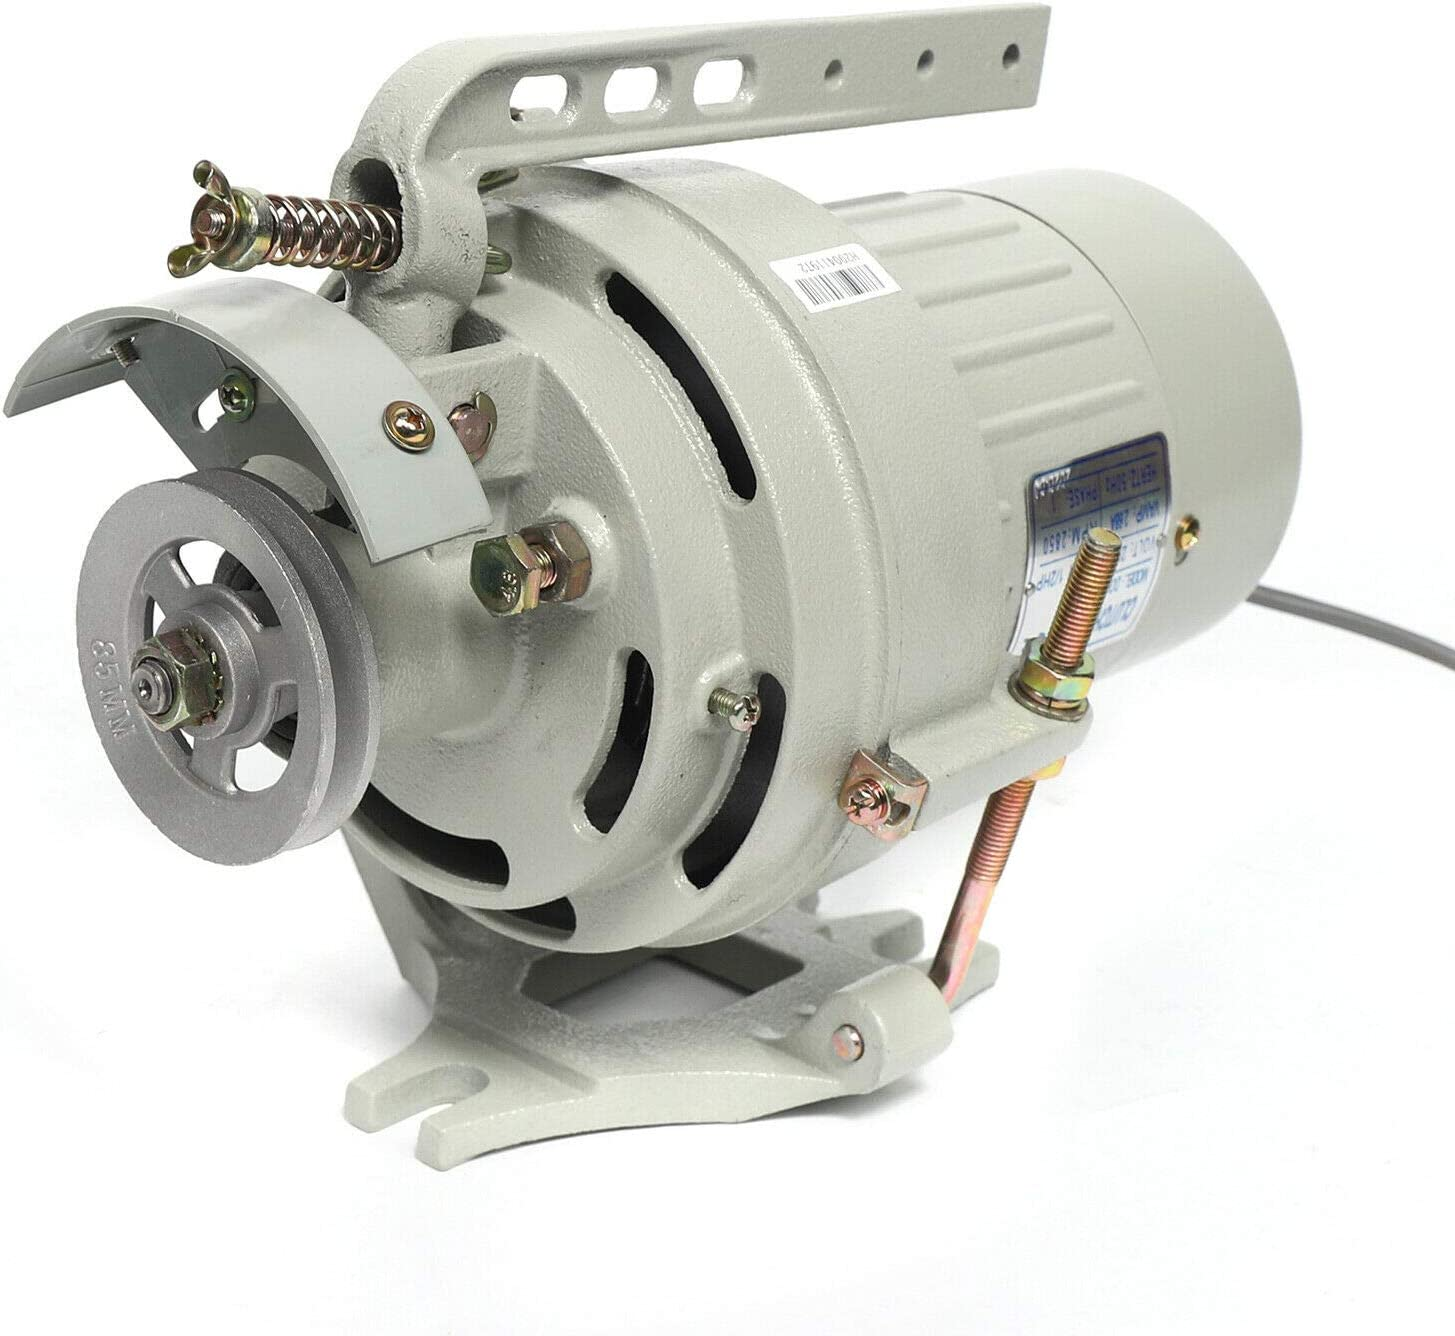 Motor industrial para máquina de coser – 400 W motor para máquina de coser con una protección de correa, ajustable, ahorro de energía, para máquina de coser industrial, CA